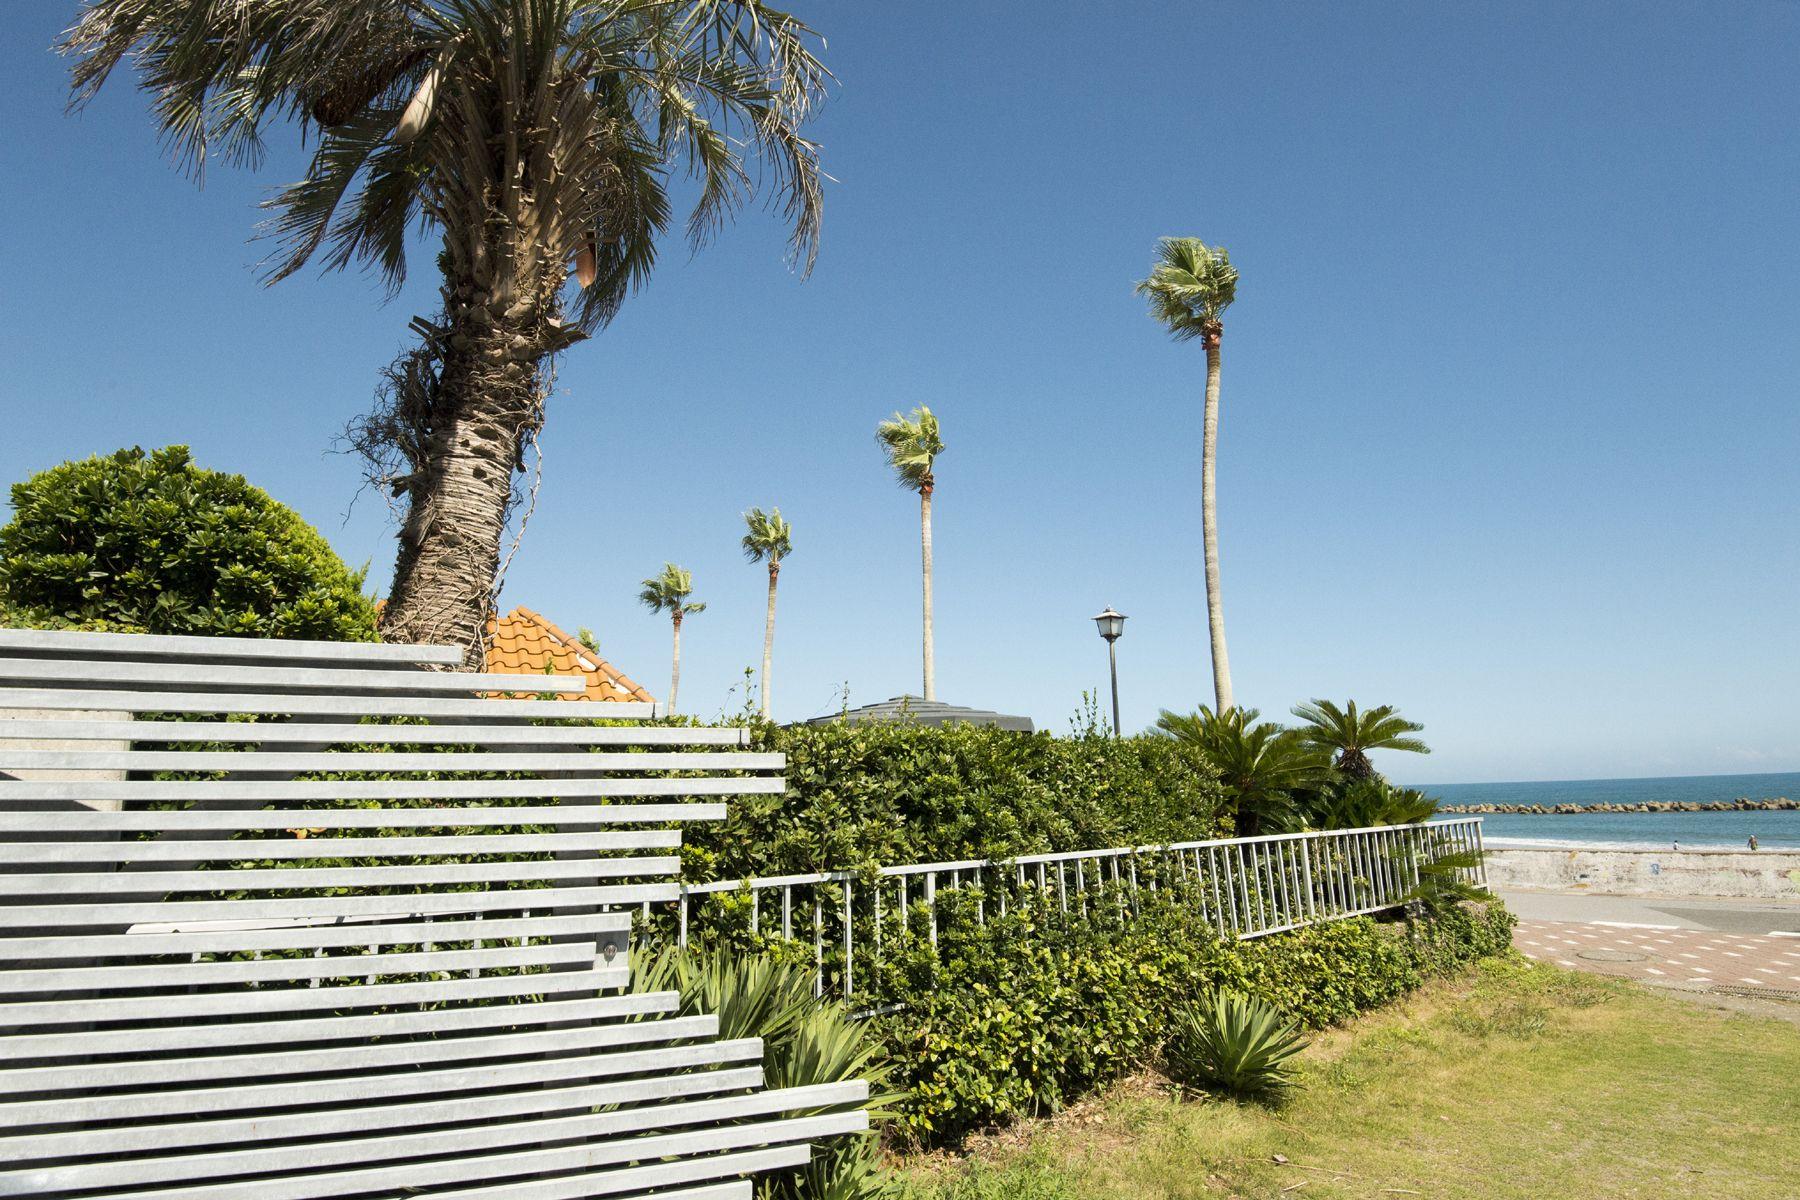 鴨川サーフィンハウスヤシの木と緑豊富な敷地